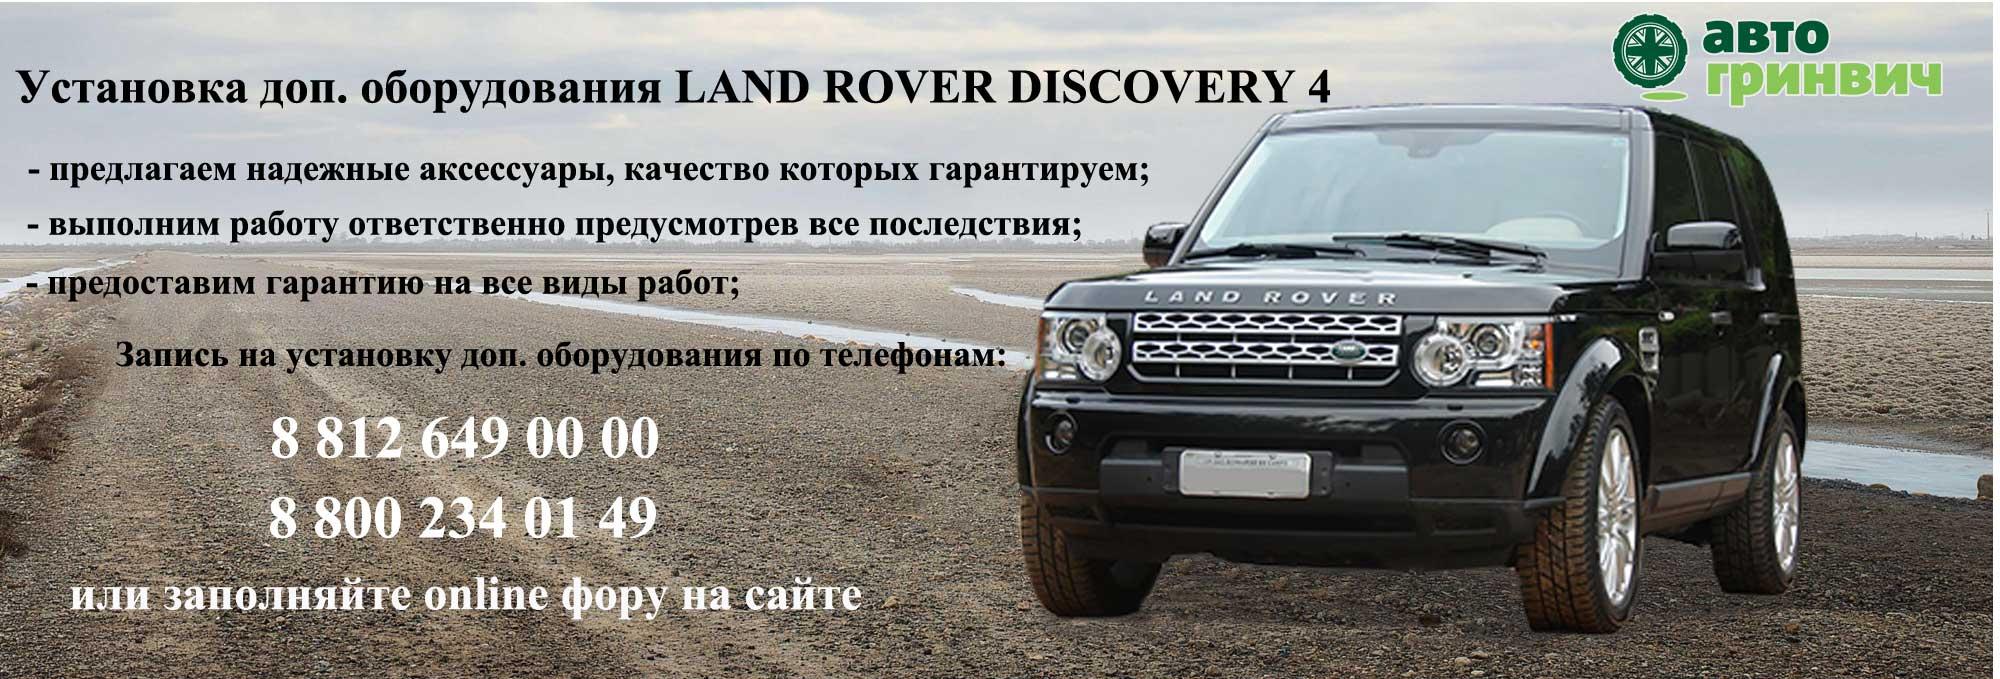 Установка доп. оборудования Discovery 4